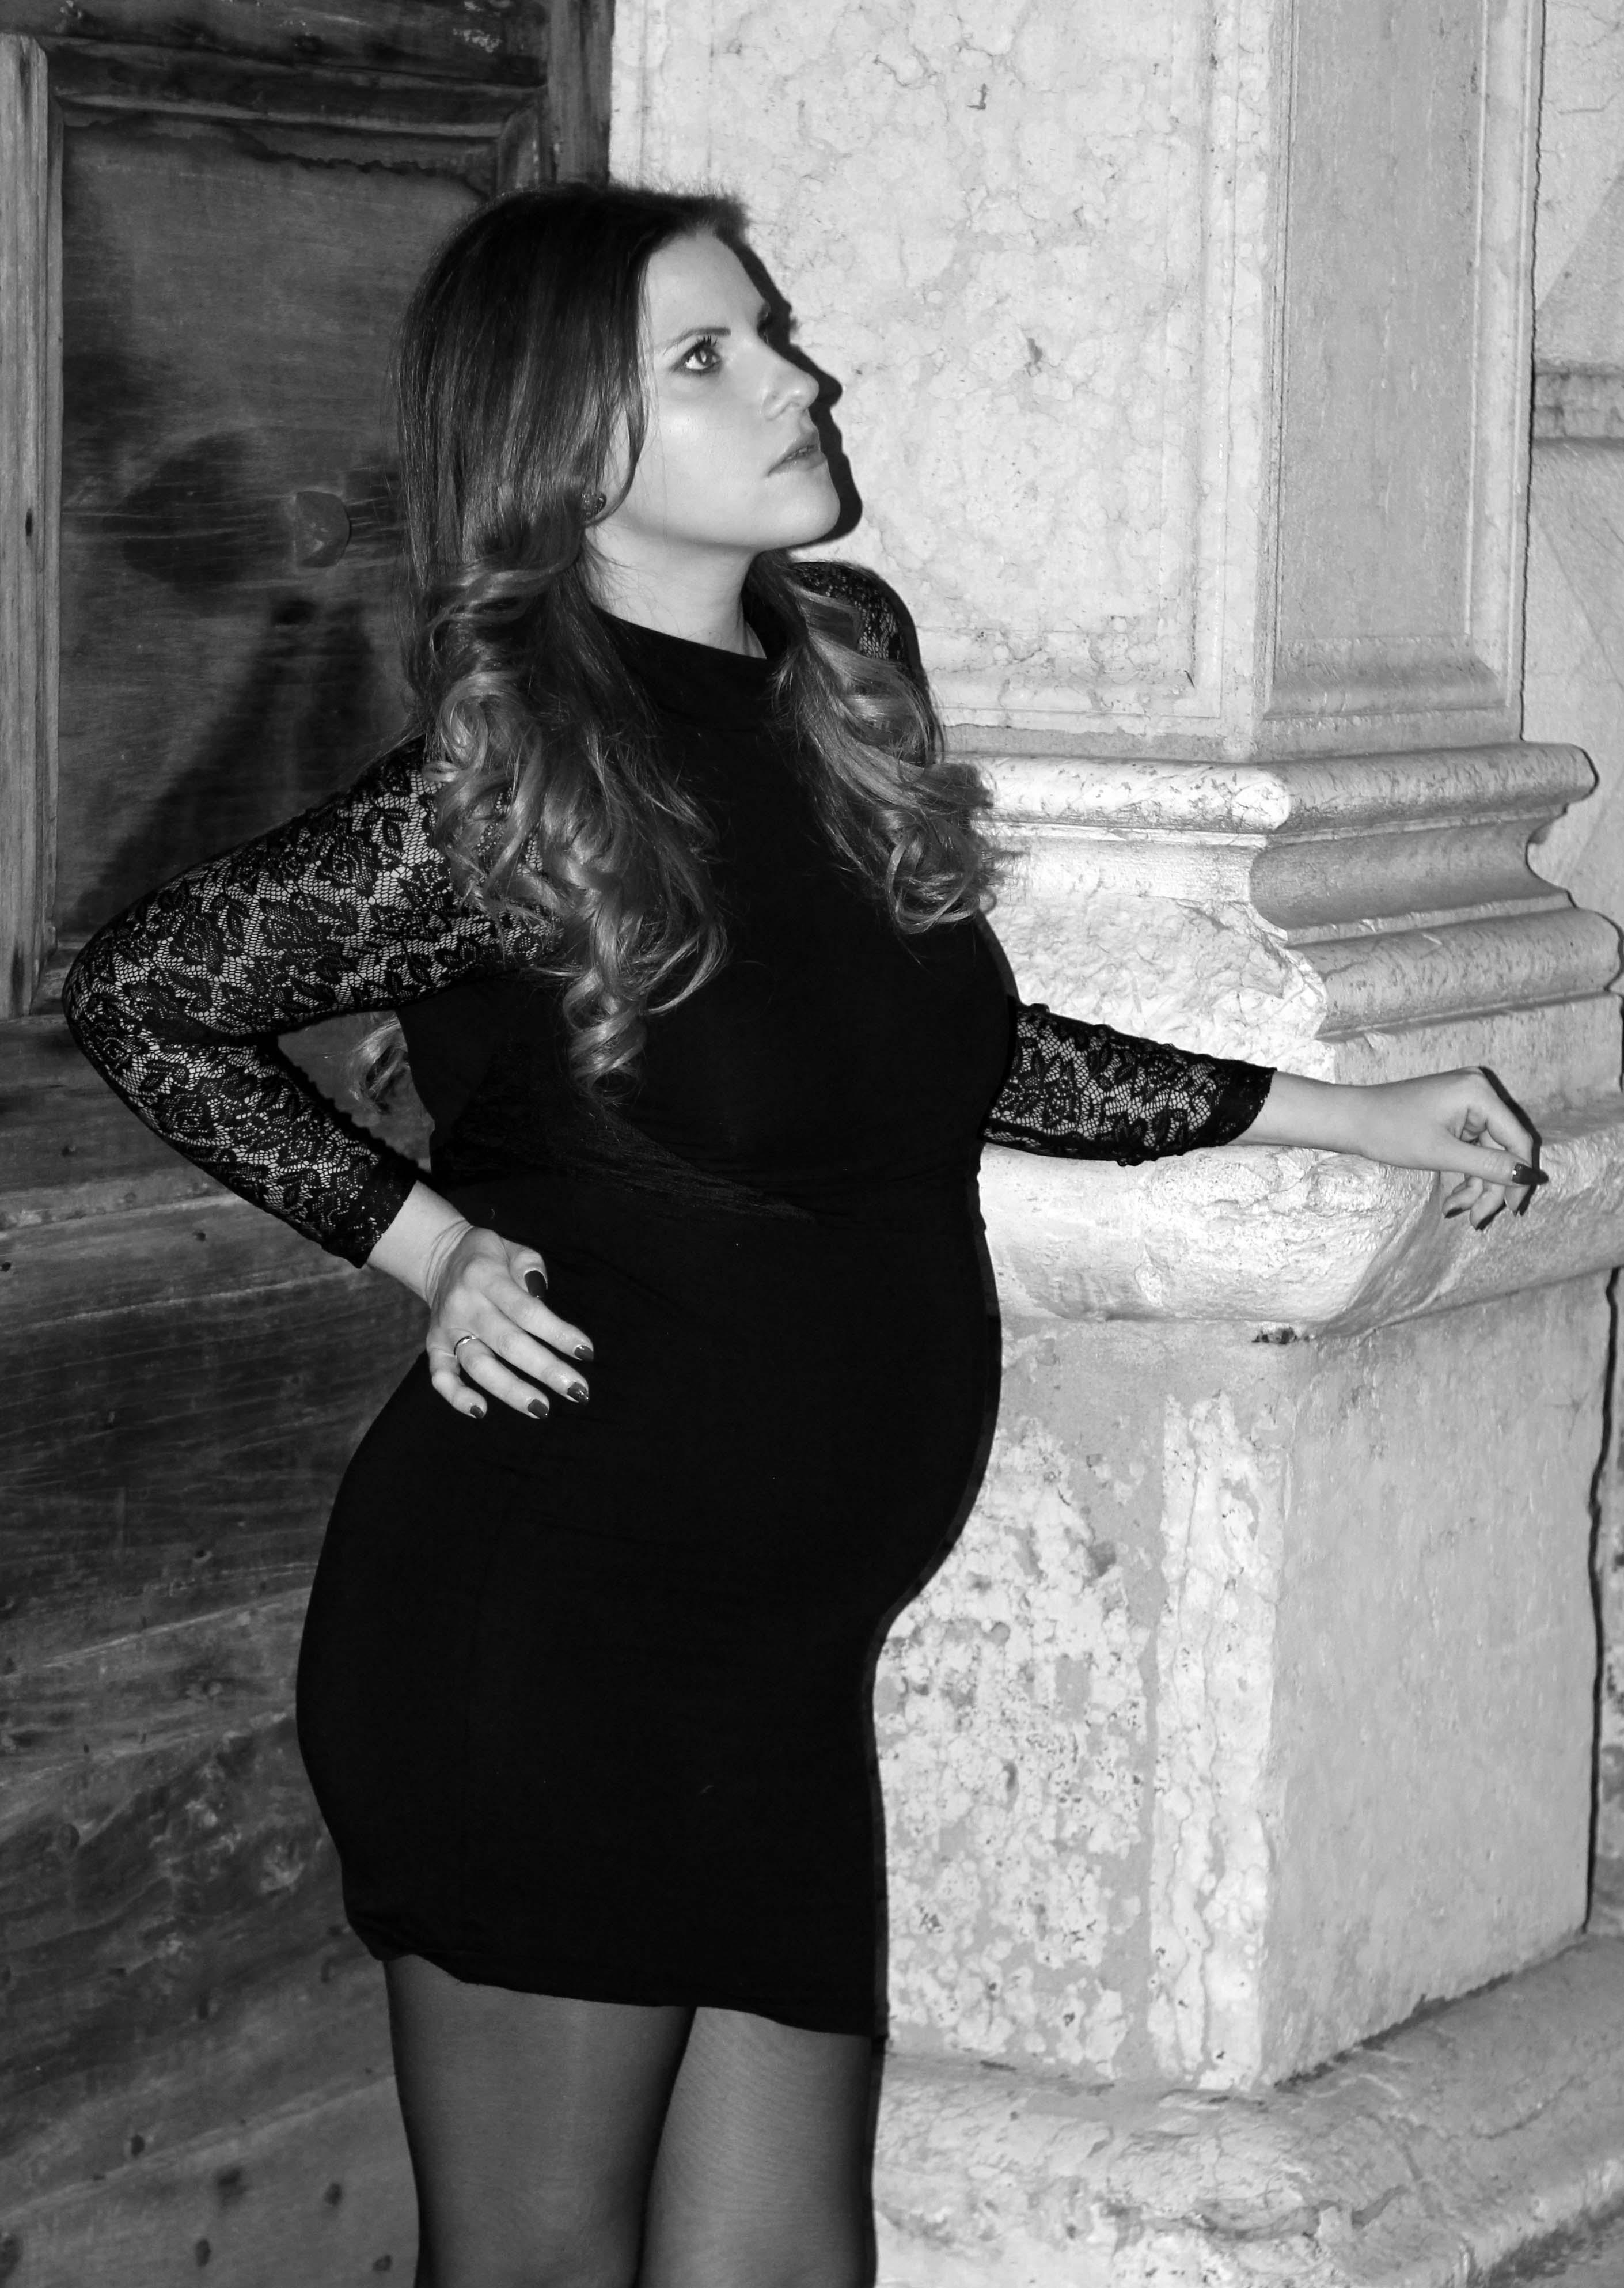 elisabetta bertolini fashion blogger incinta 8 mesi abito da sera tubino in pizzo nero zalando